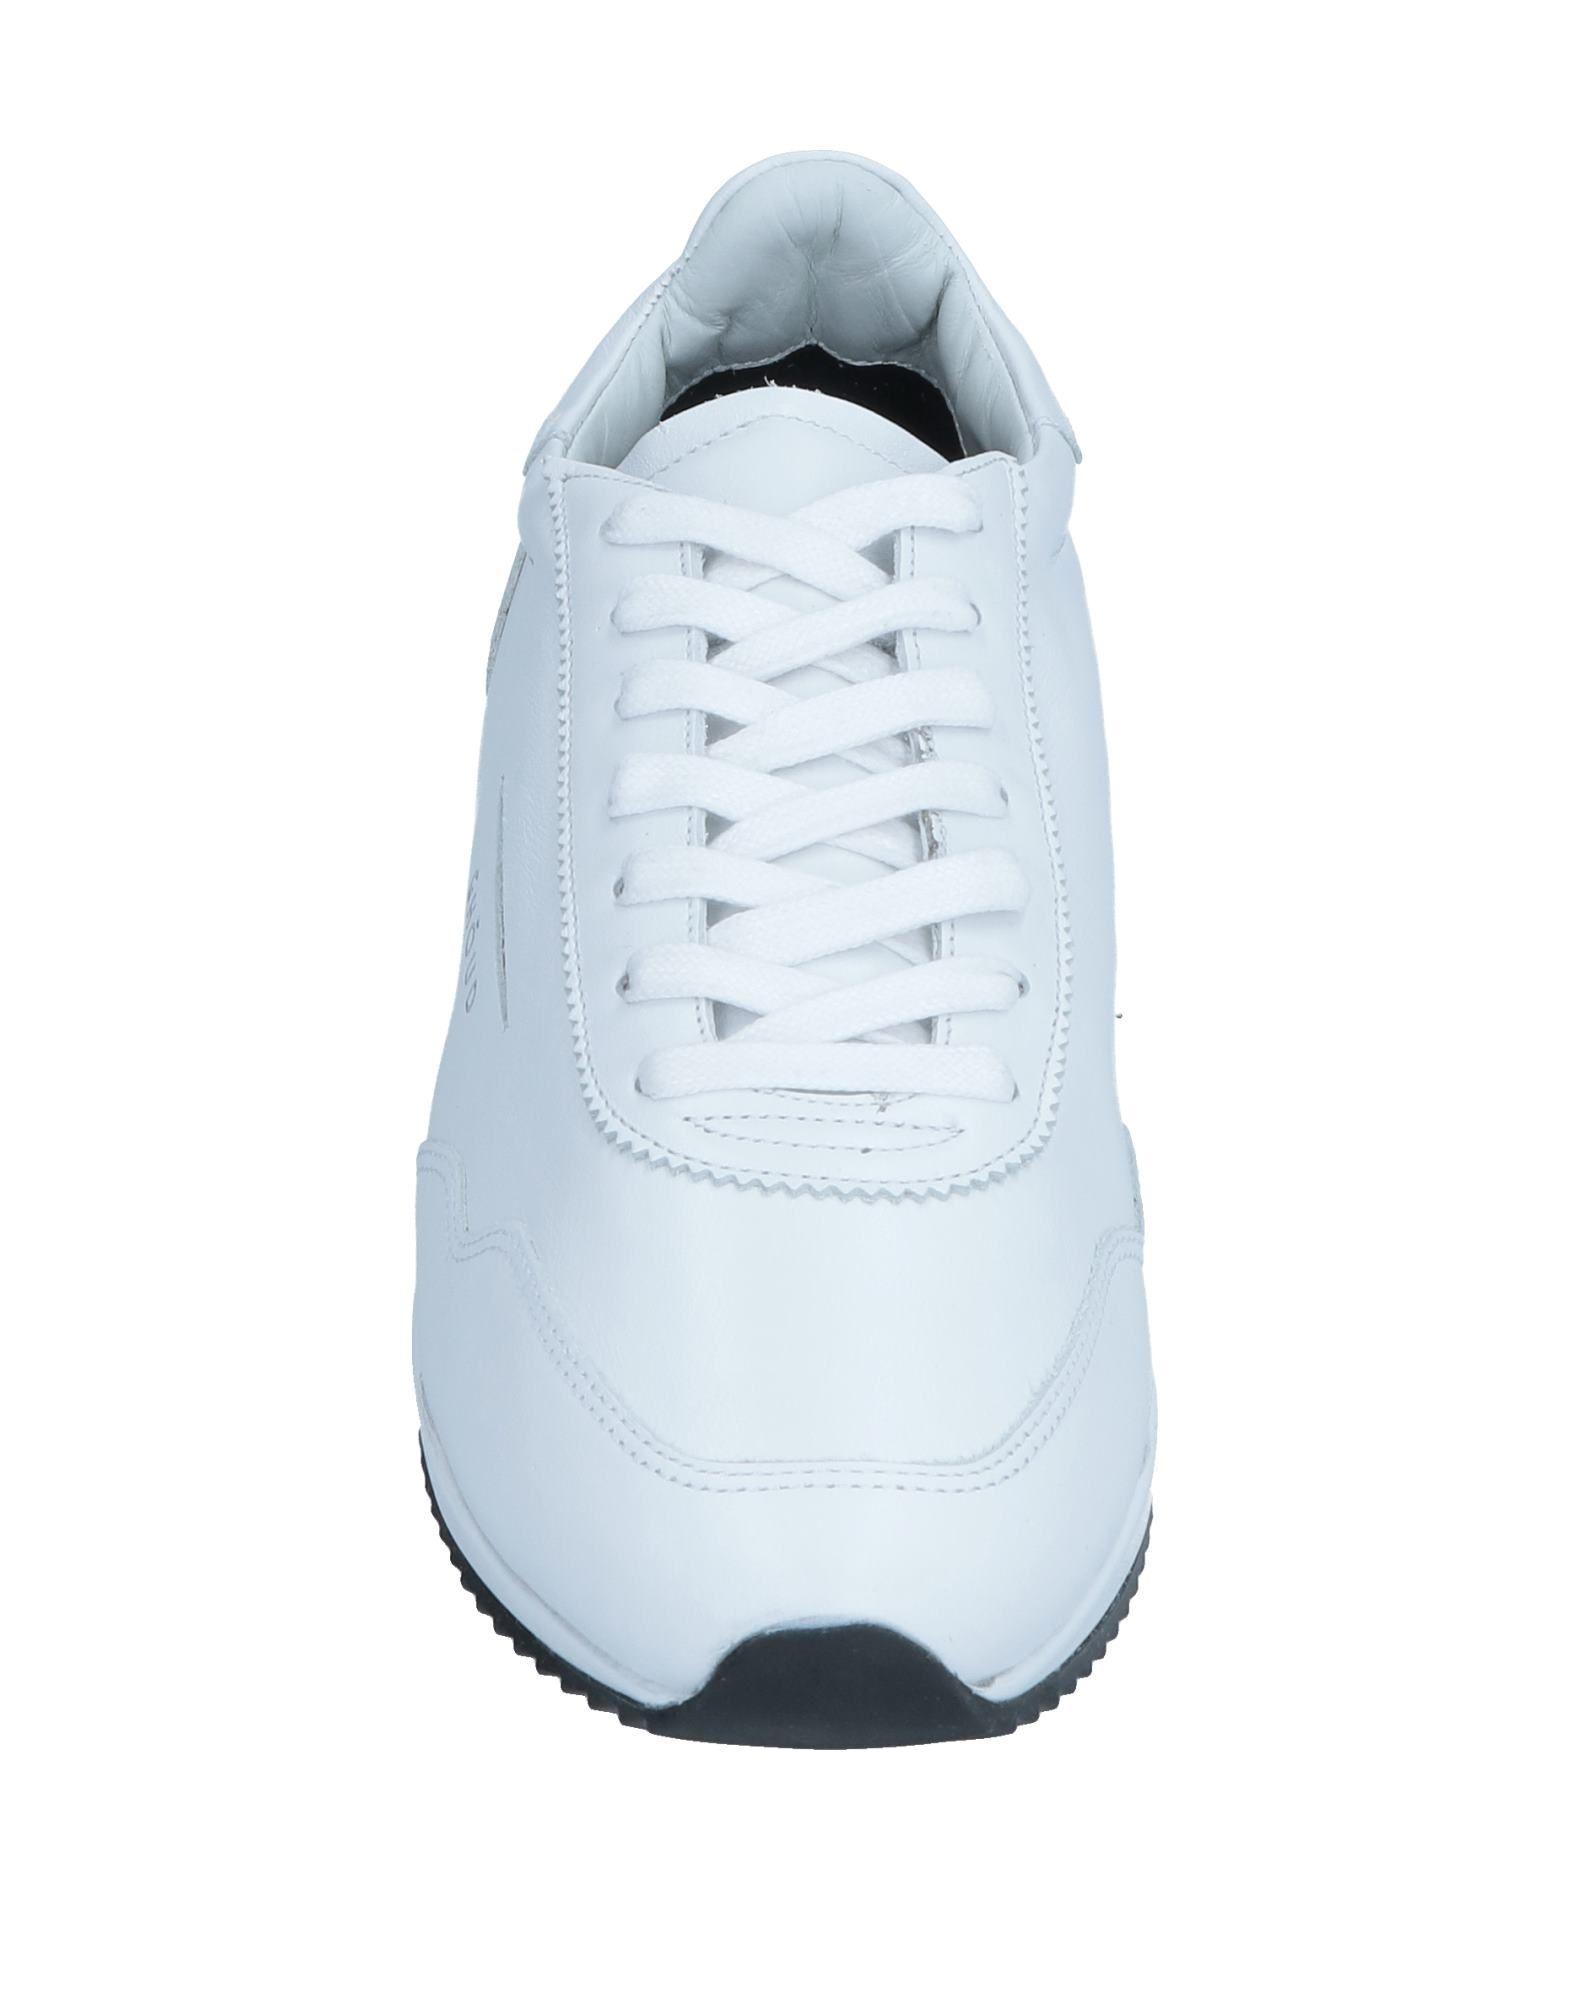 Ghōud Venice Sneakers Herren  11545437IP 11545437IP  63fcec